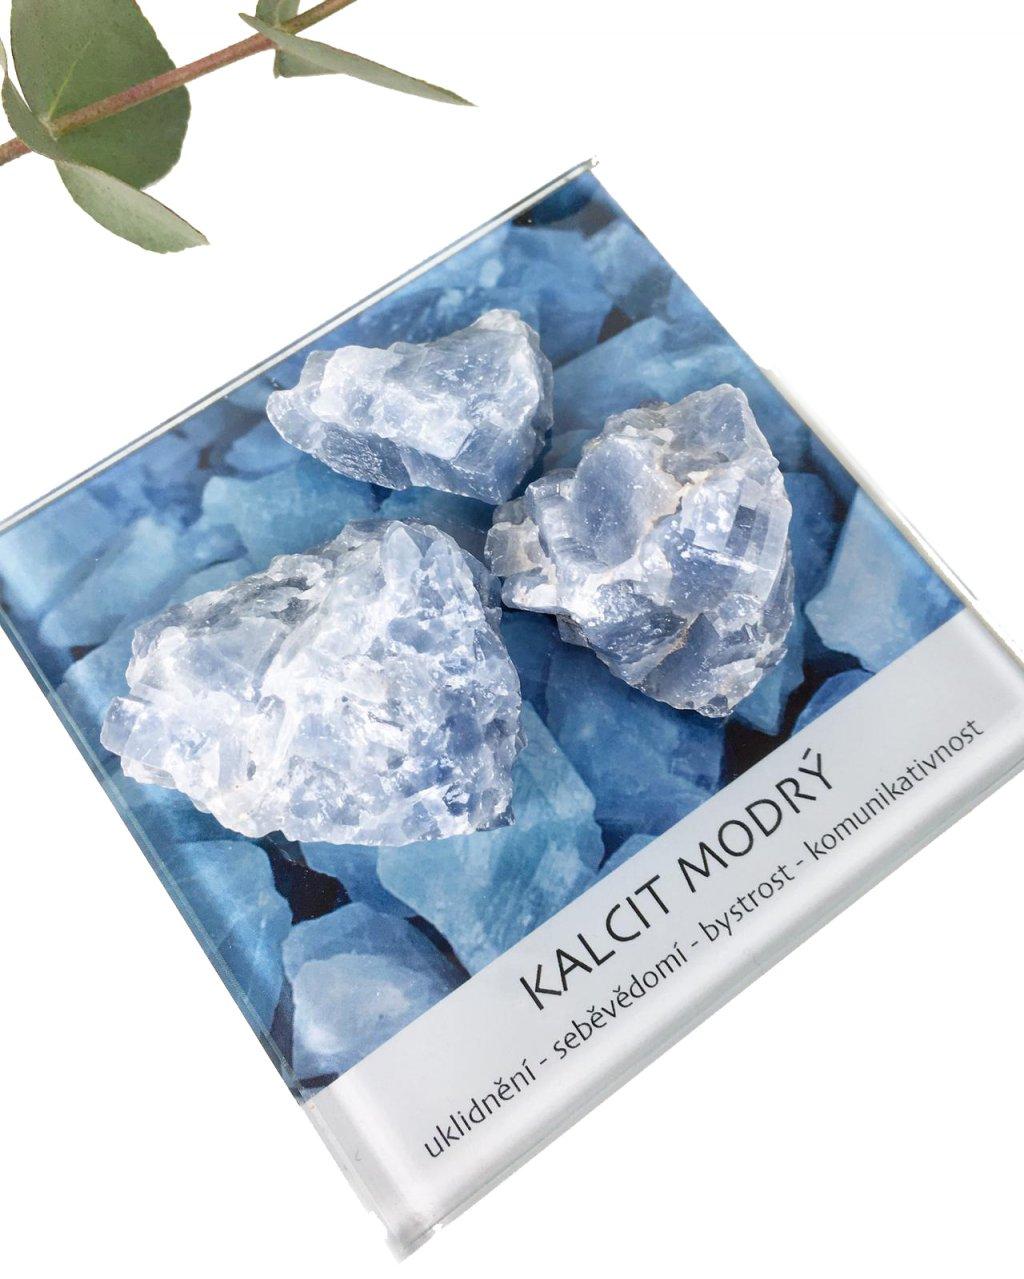 Modrý kalcit surový minerál dekorační set